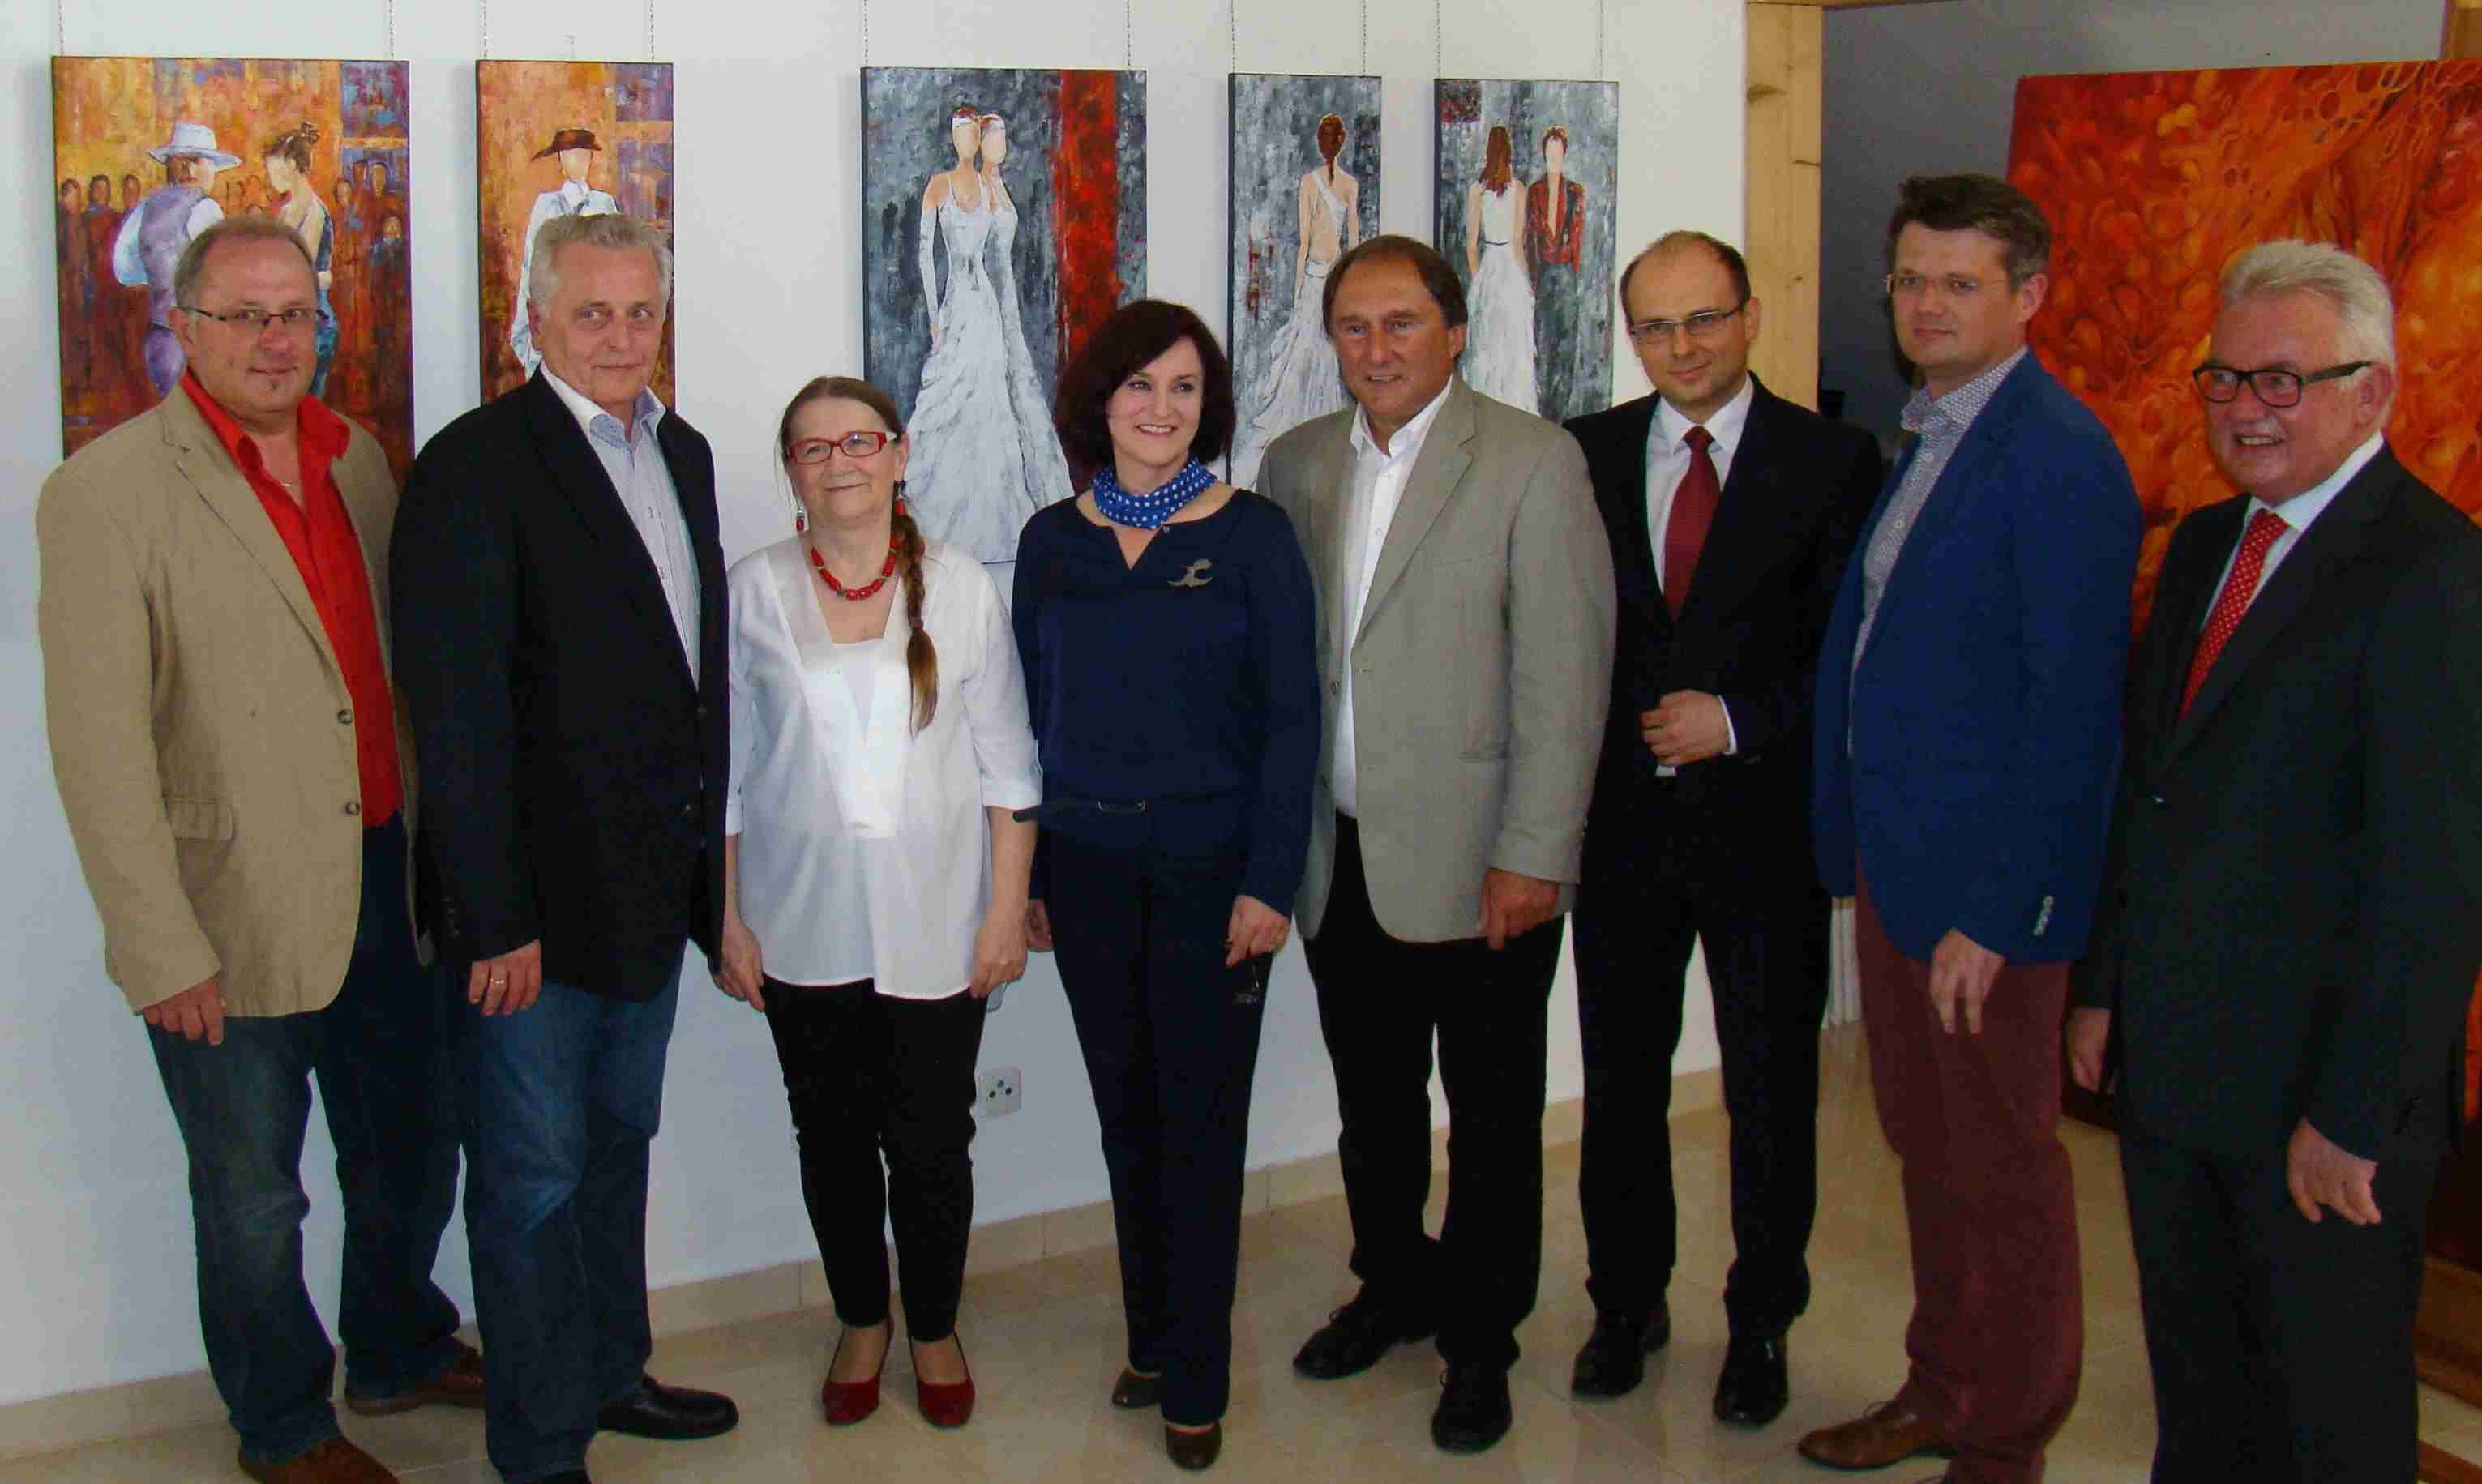 Vzbgm. Hackstock, BM Hundstorfer, L. Radwan, Mozdzierz, Friedl, , Botschafter Lorkowski, Konsul Kaczorowski